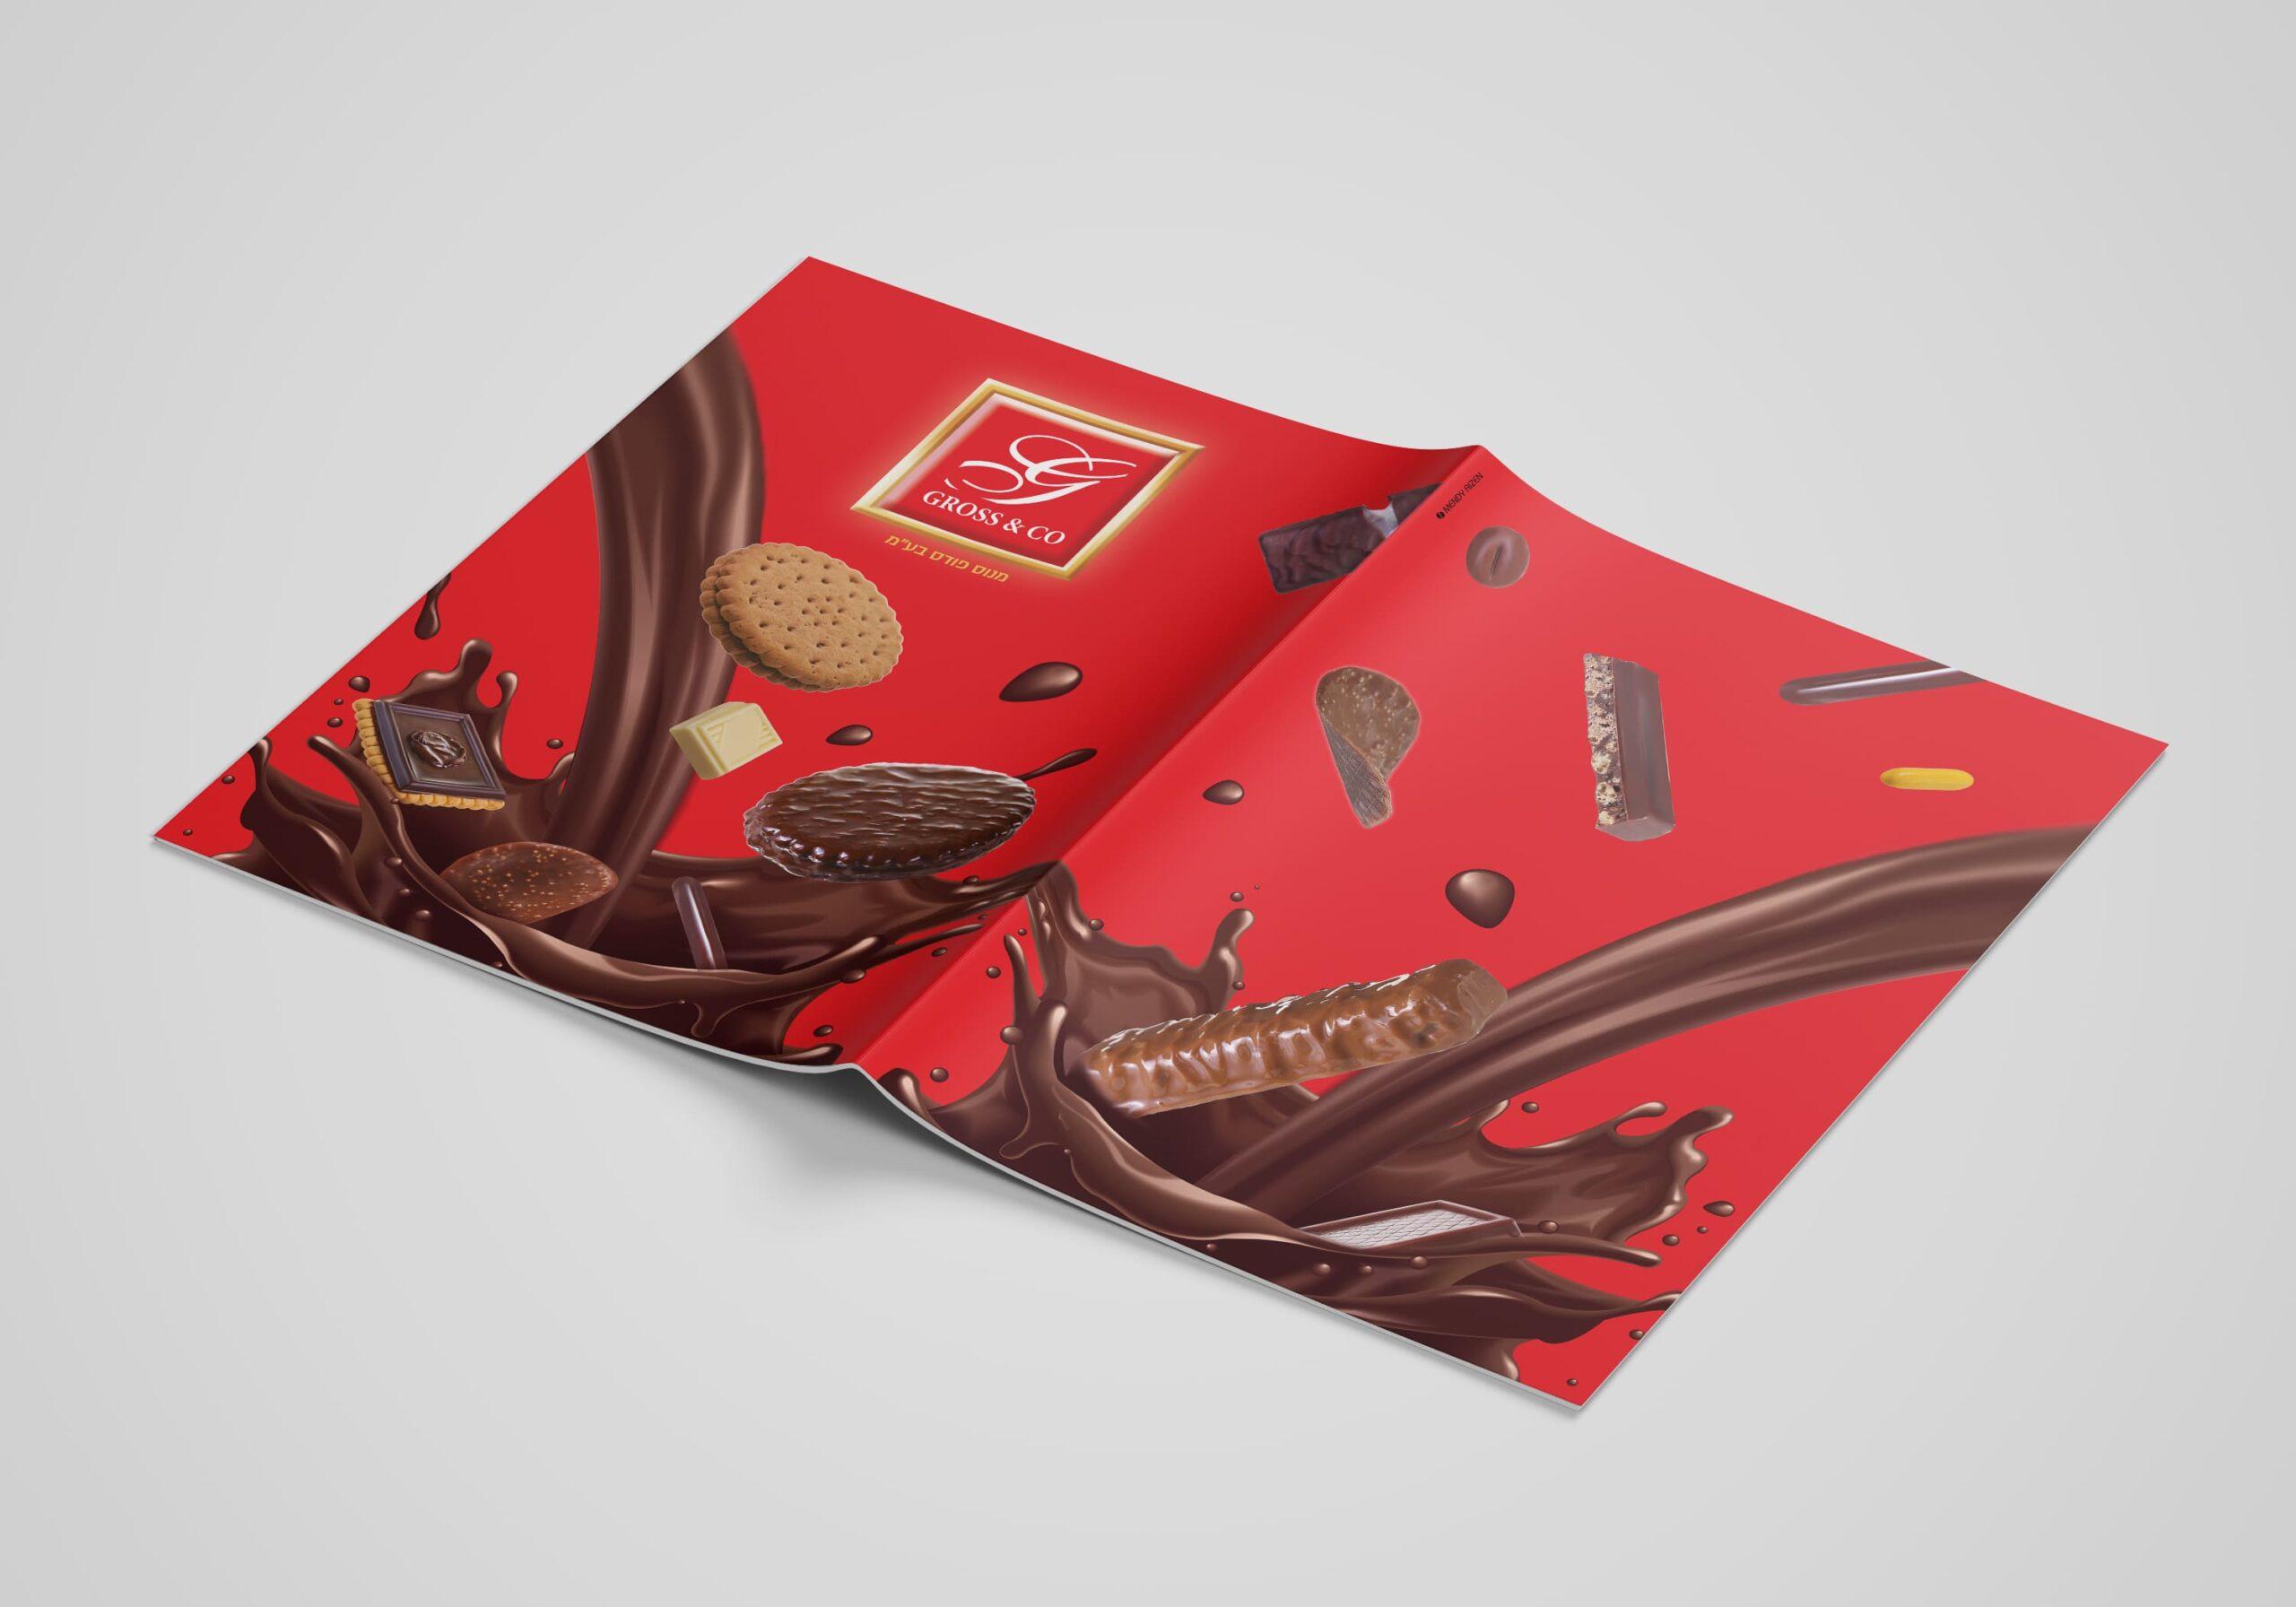 כריכה קטלוג שוקולד גרוס